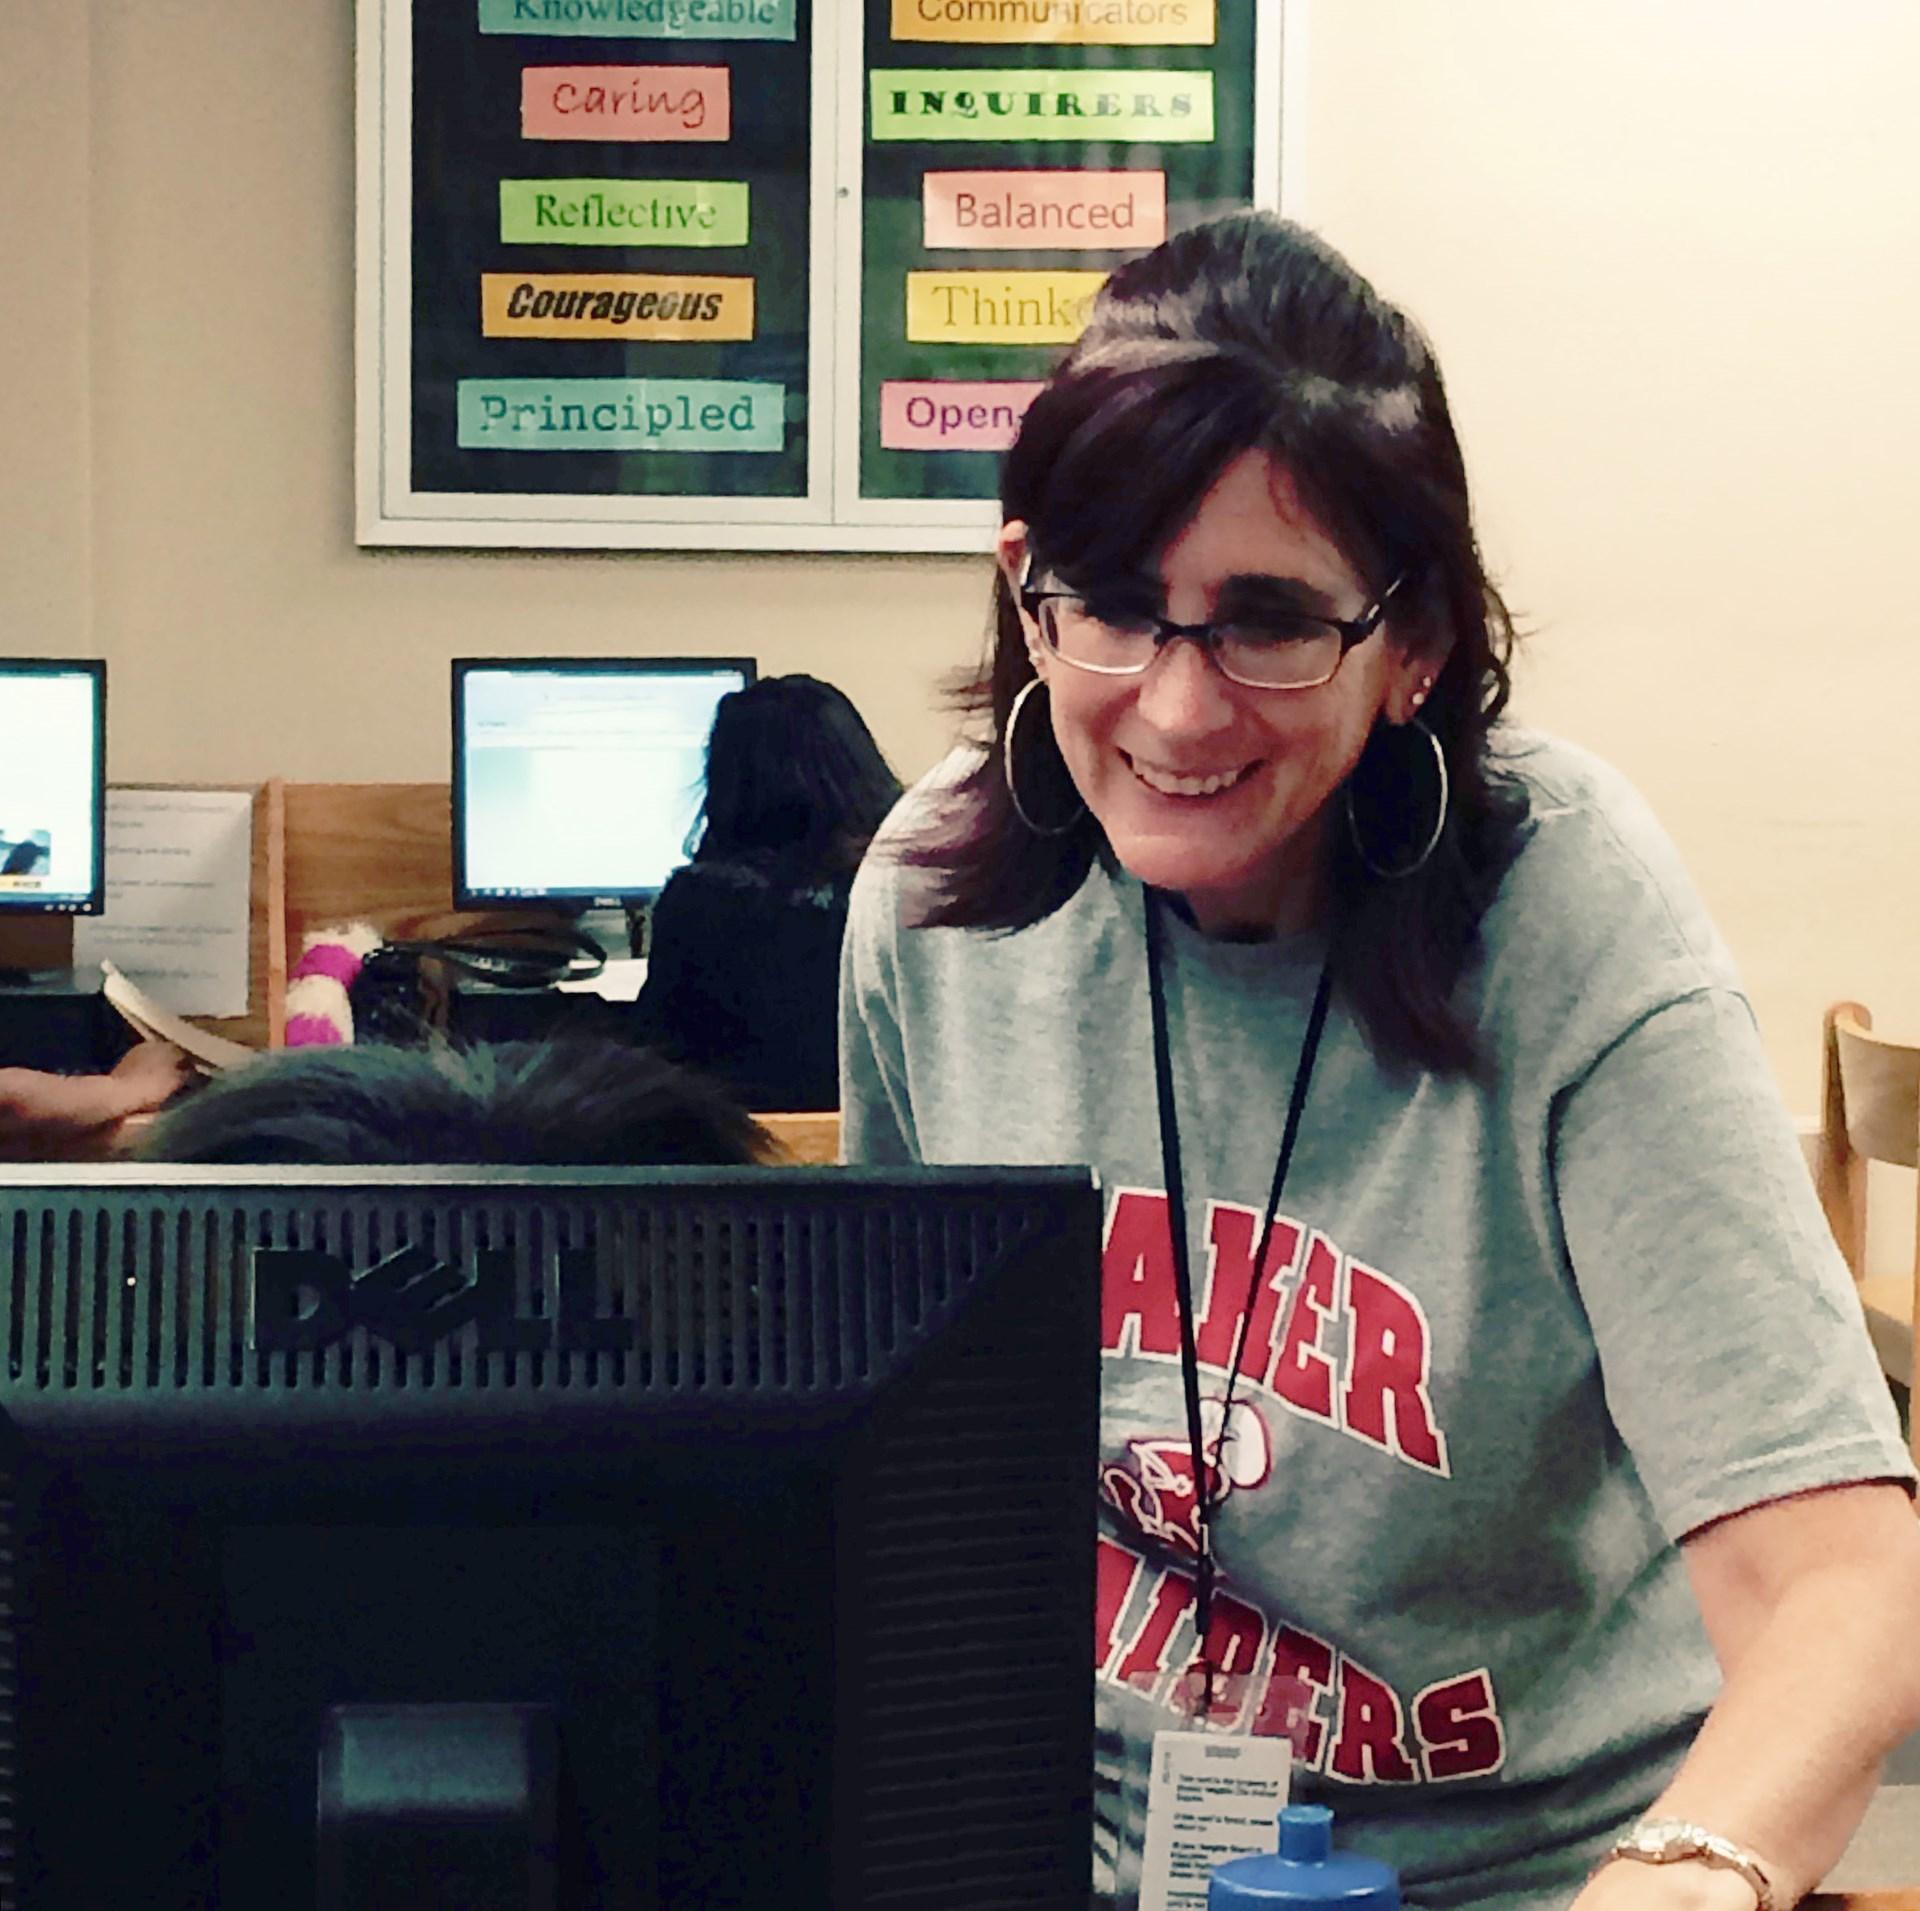 Ms. Sweigert